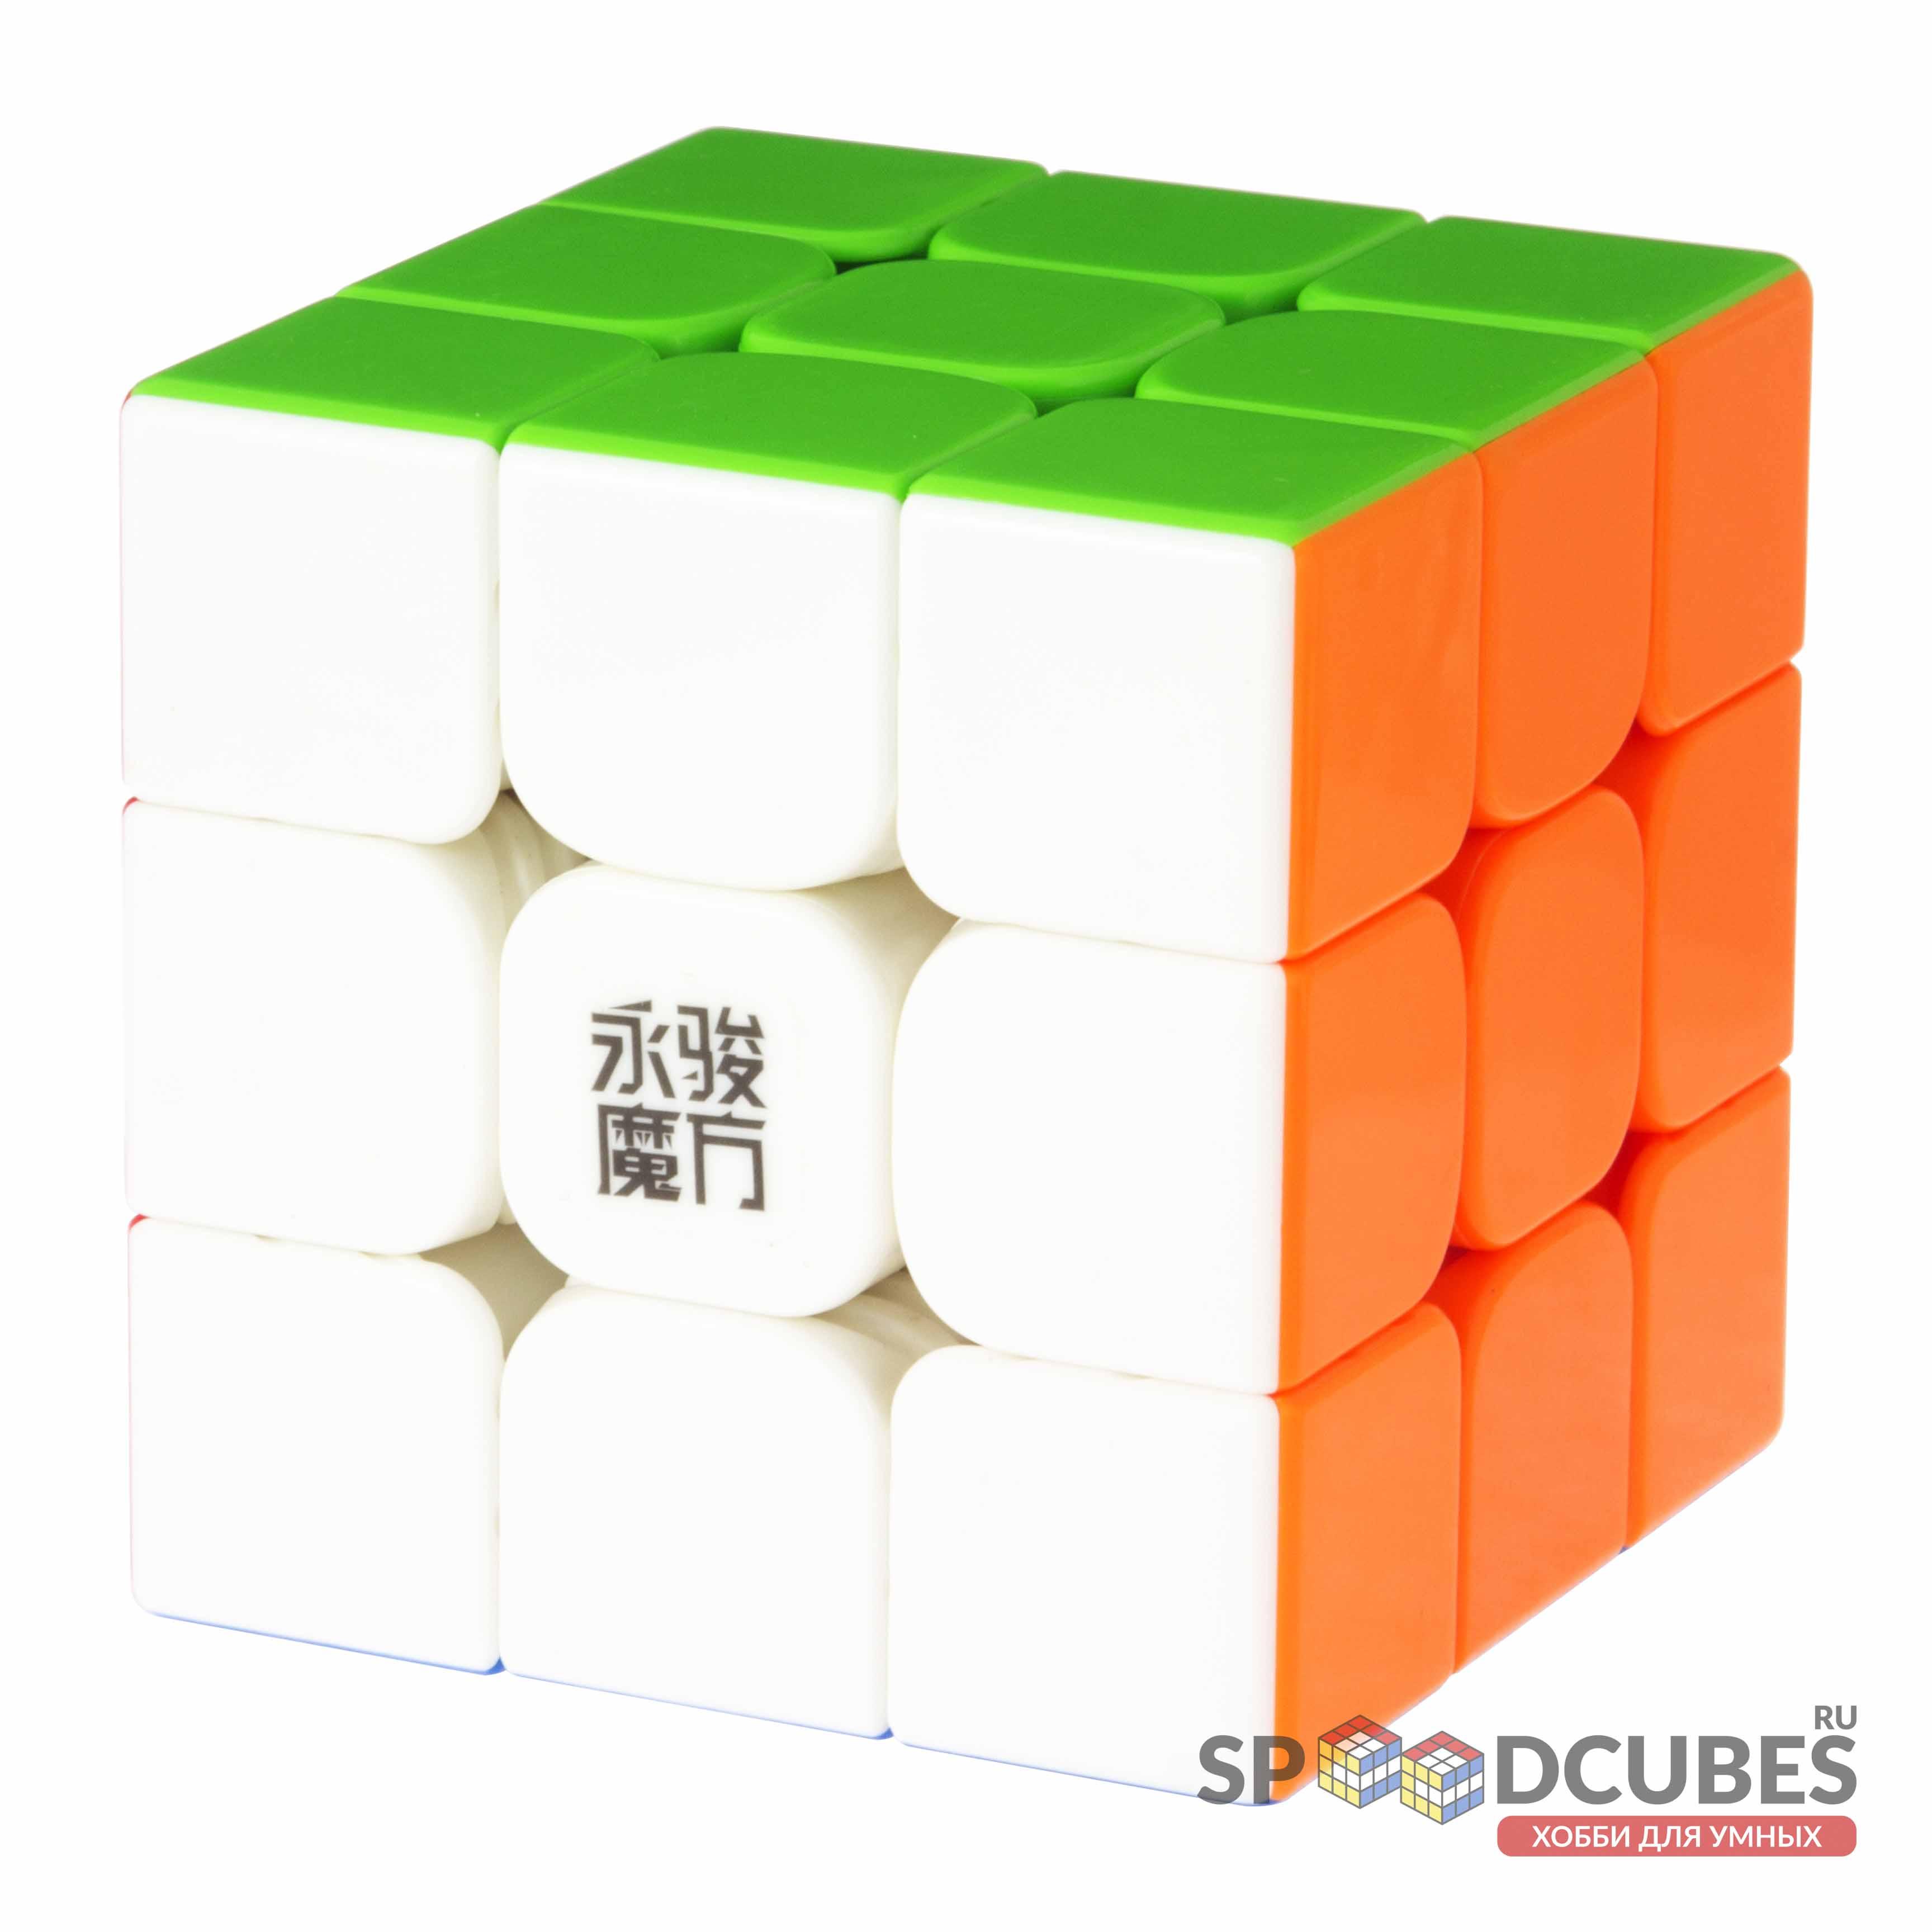 YJ 3x3x3 Yulong V2 M